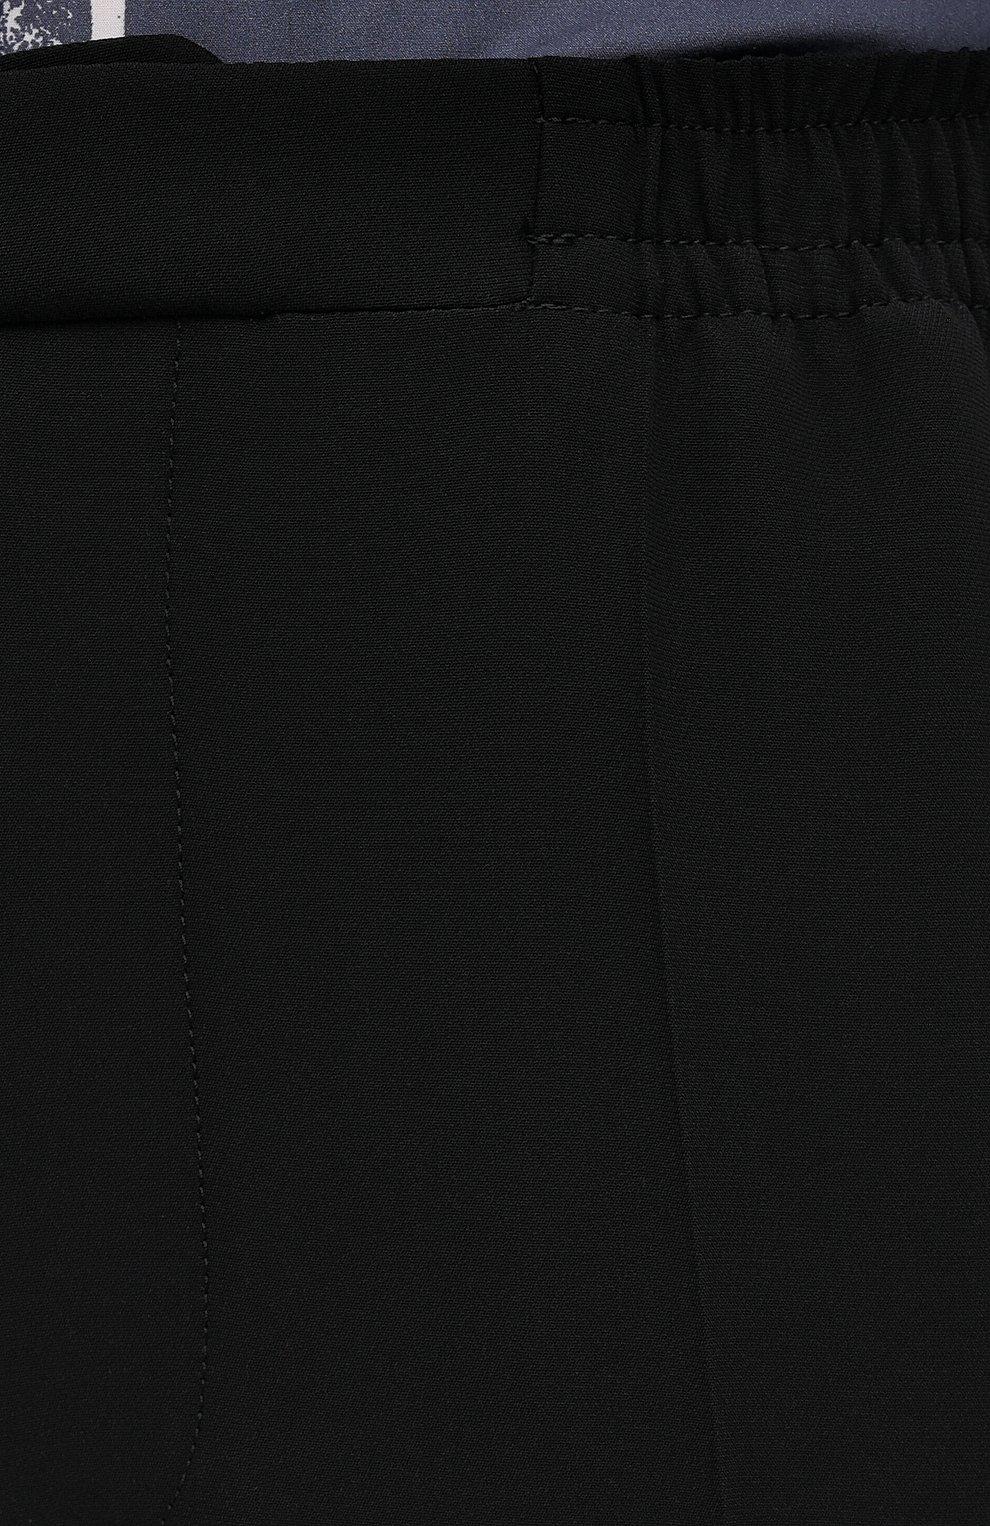 Мужские брюки из вискозы ALEXANDER MCQUEEN черного цвета, арт. 619171/QQR38   Фото 5 (Длина (брюки, джинсы): Стандартные; Случай: Повседневный; Стили: Панк; Материал внешний: Вискоза)